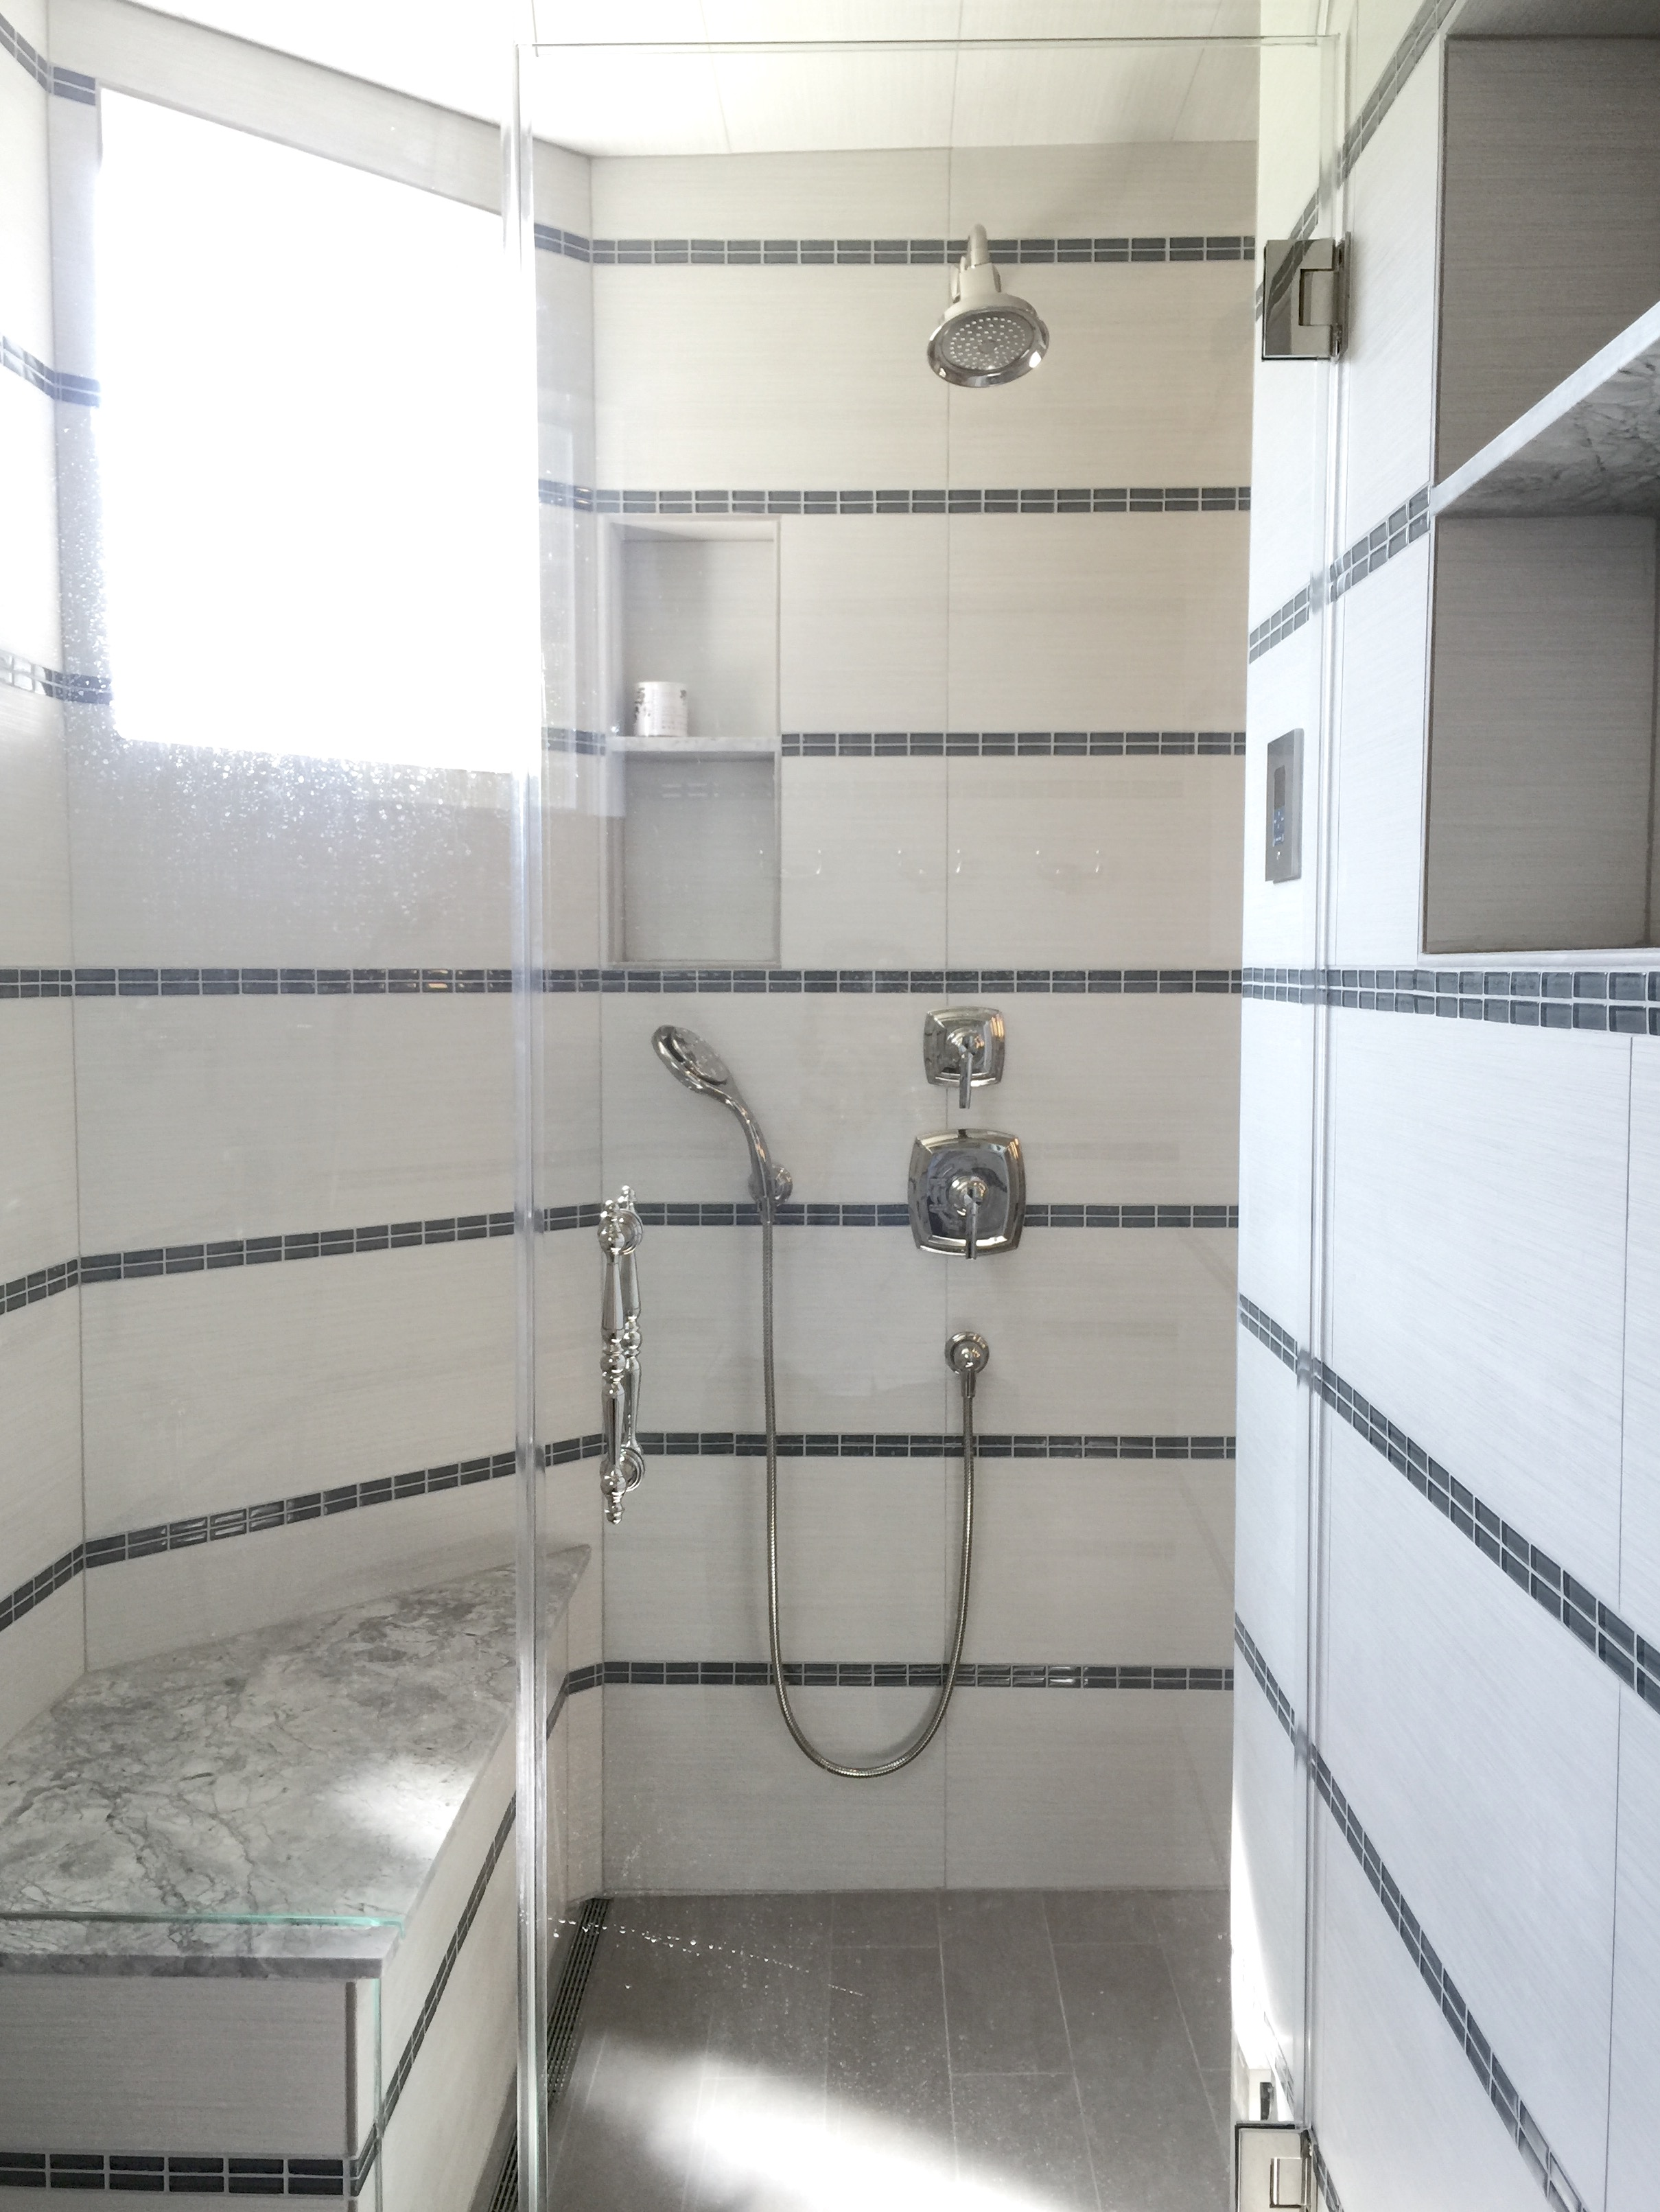 Steam shower within a shower stall | Designer: Carla Aston